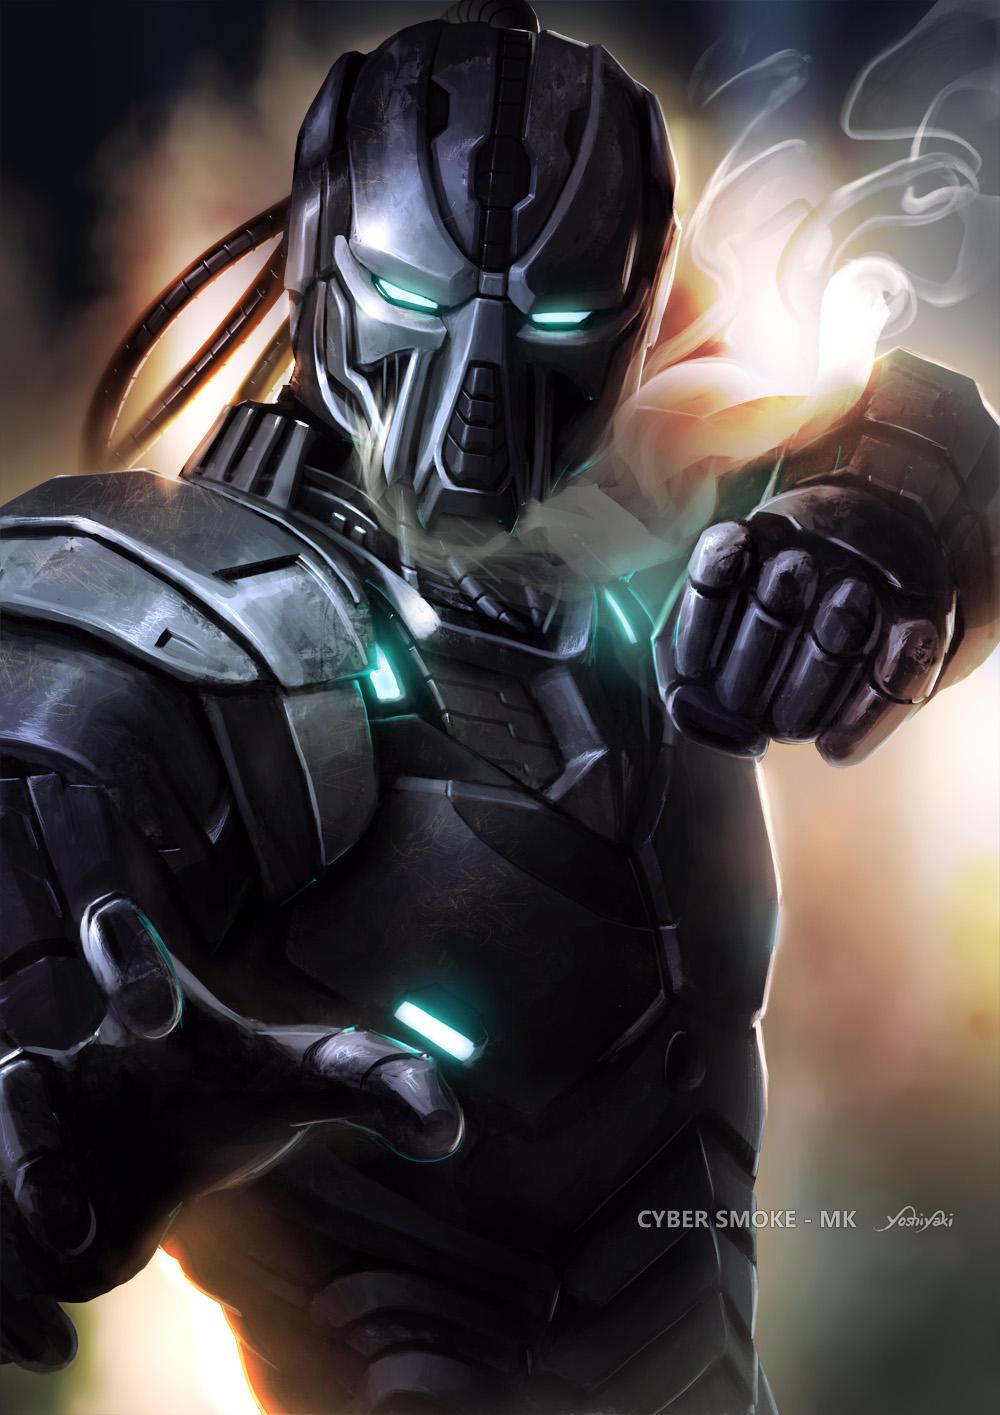 Cyber Smoke - Mortal Kombat